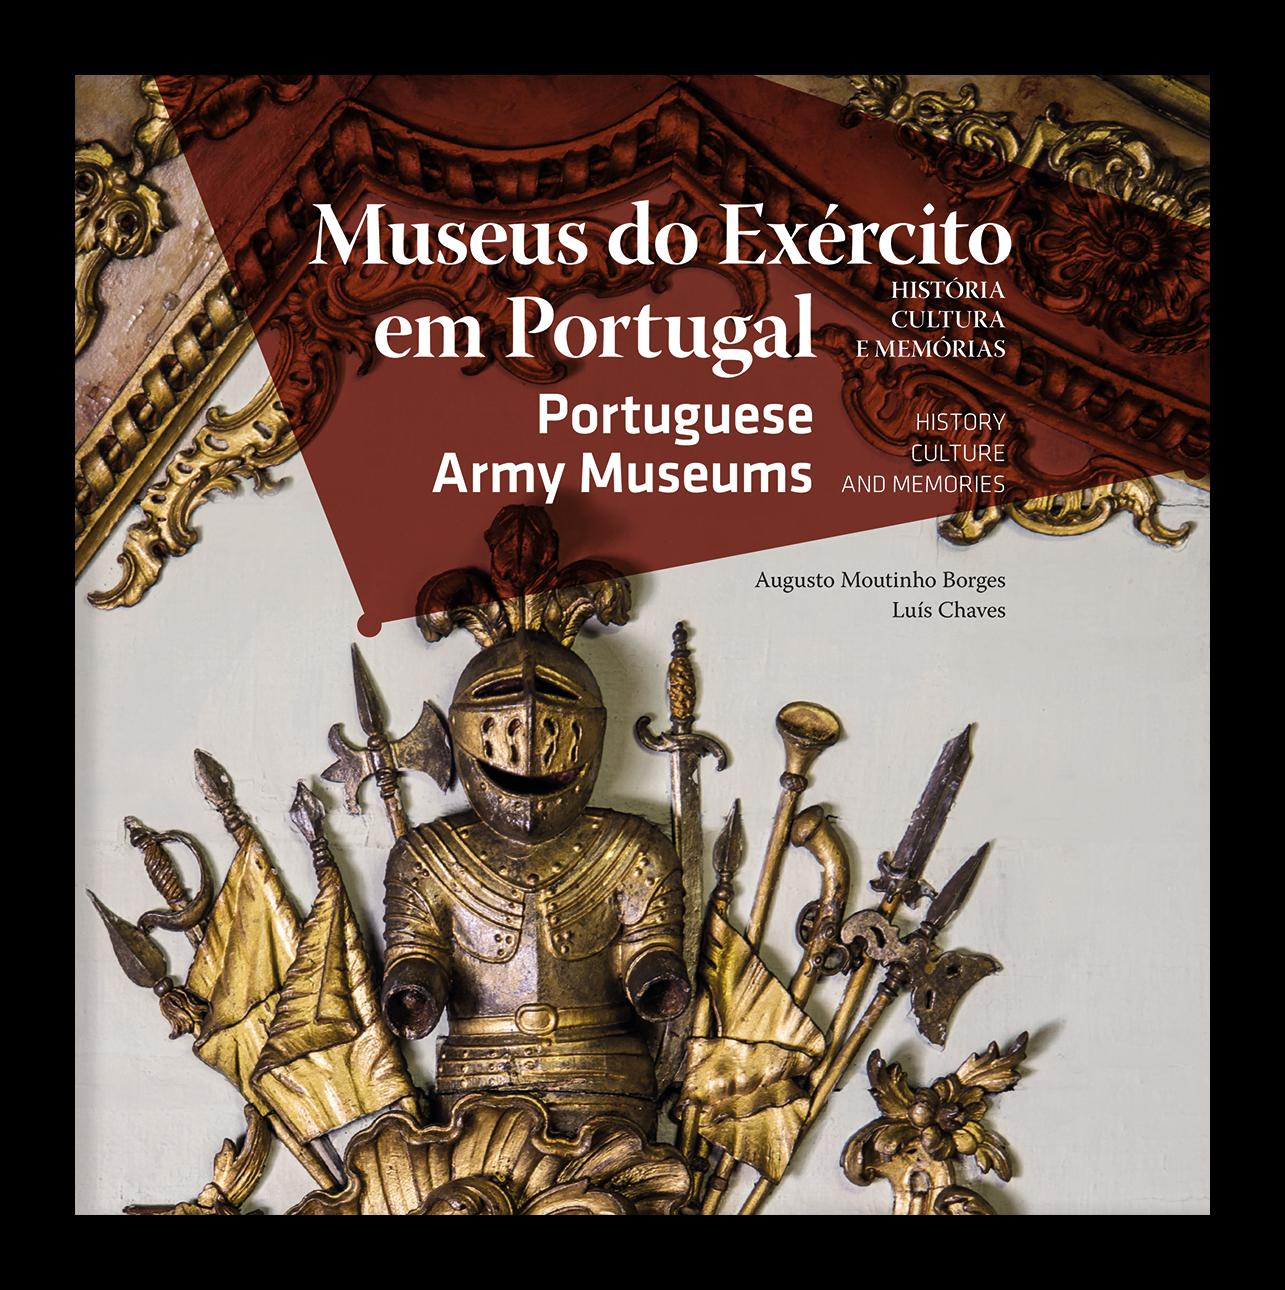 Museus do Exército em Portugal